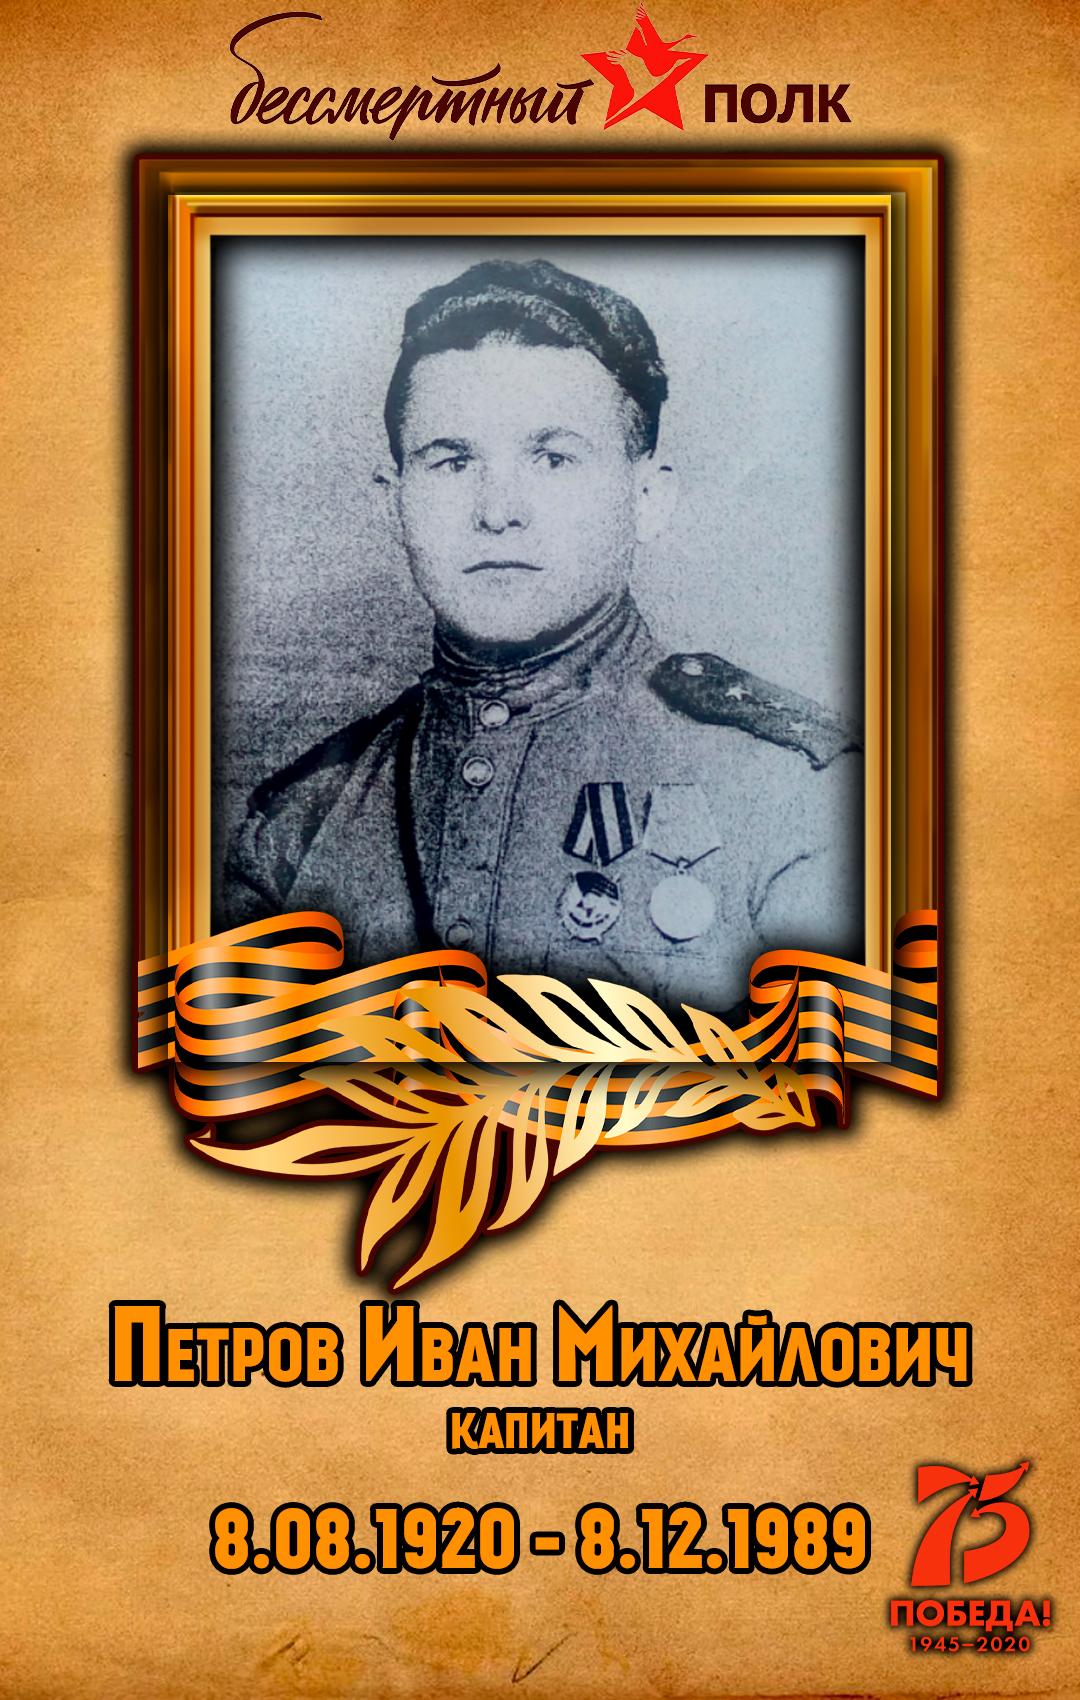 Петров-Иван-Михайлович